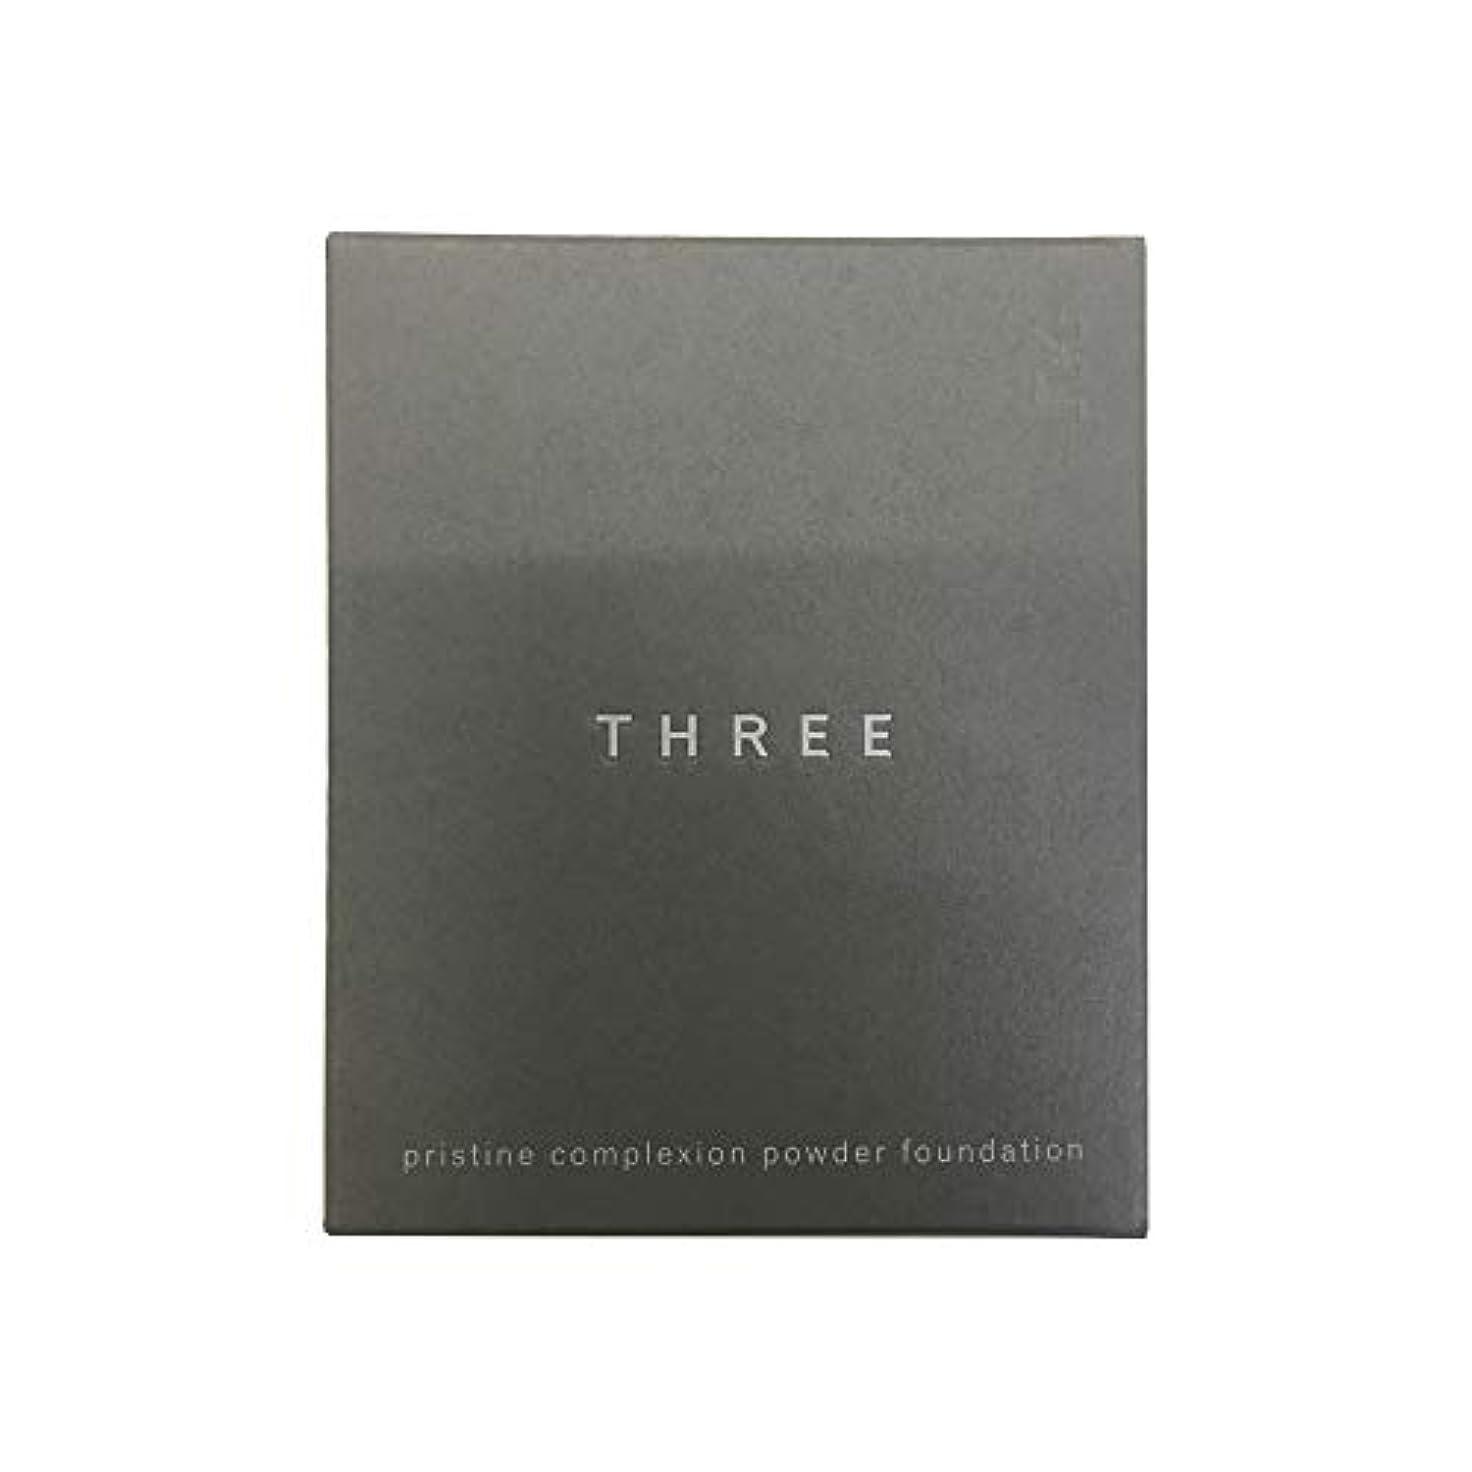 制裁ニュージーランド爬虫類THREE(スリー) プリスティーンコンプレクションパウダーファンデーション #102(リフィル) [ パウダーファンデーション ] [並行輸入品]